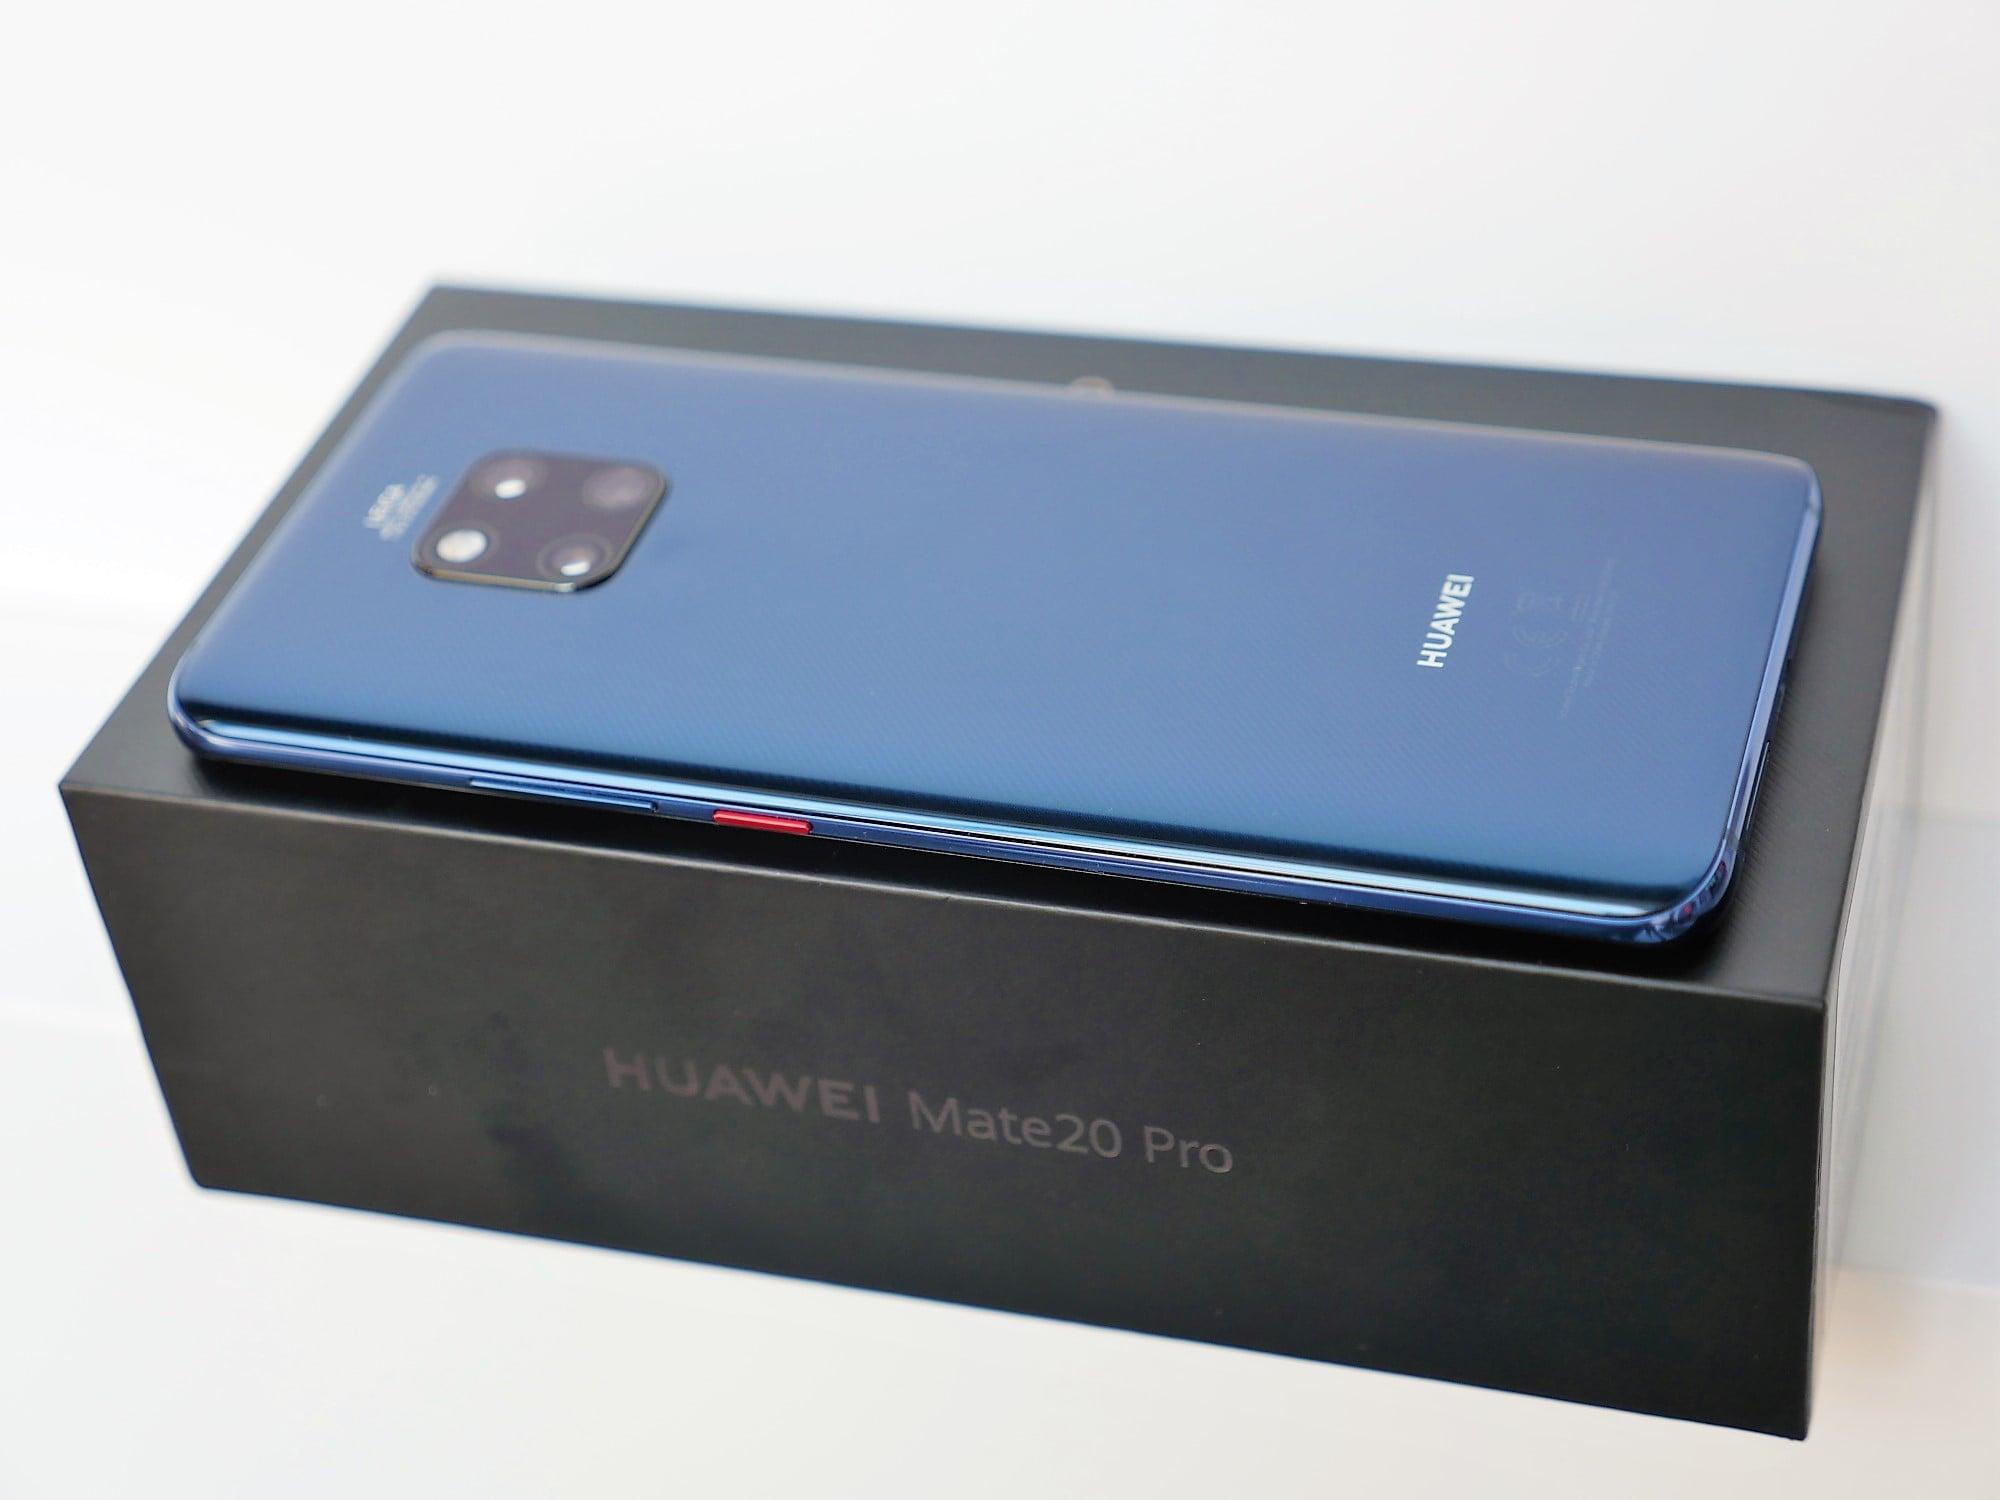 Recenzja Huawei Mate 20 Pro. Niby niewiele brakuje do ideału, ale wciąż jest co poprawiać 21